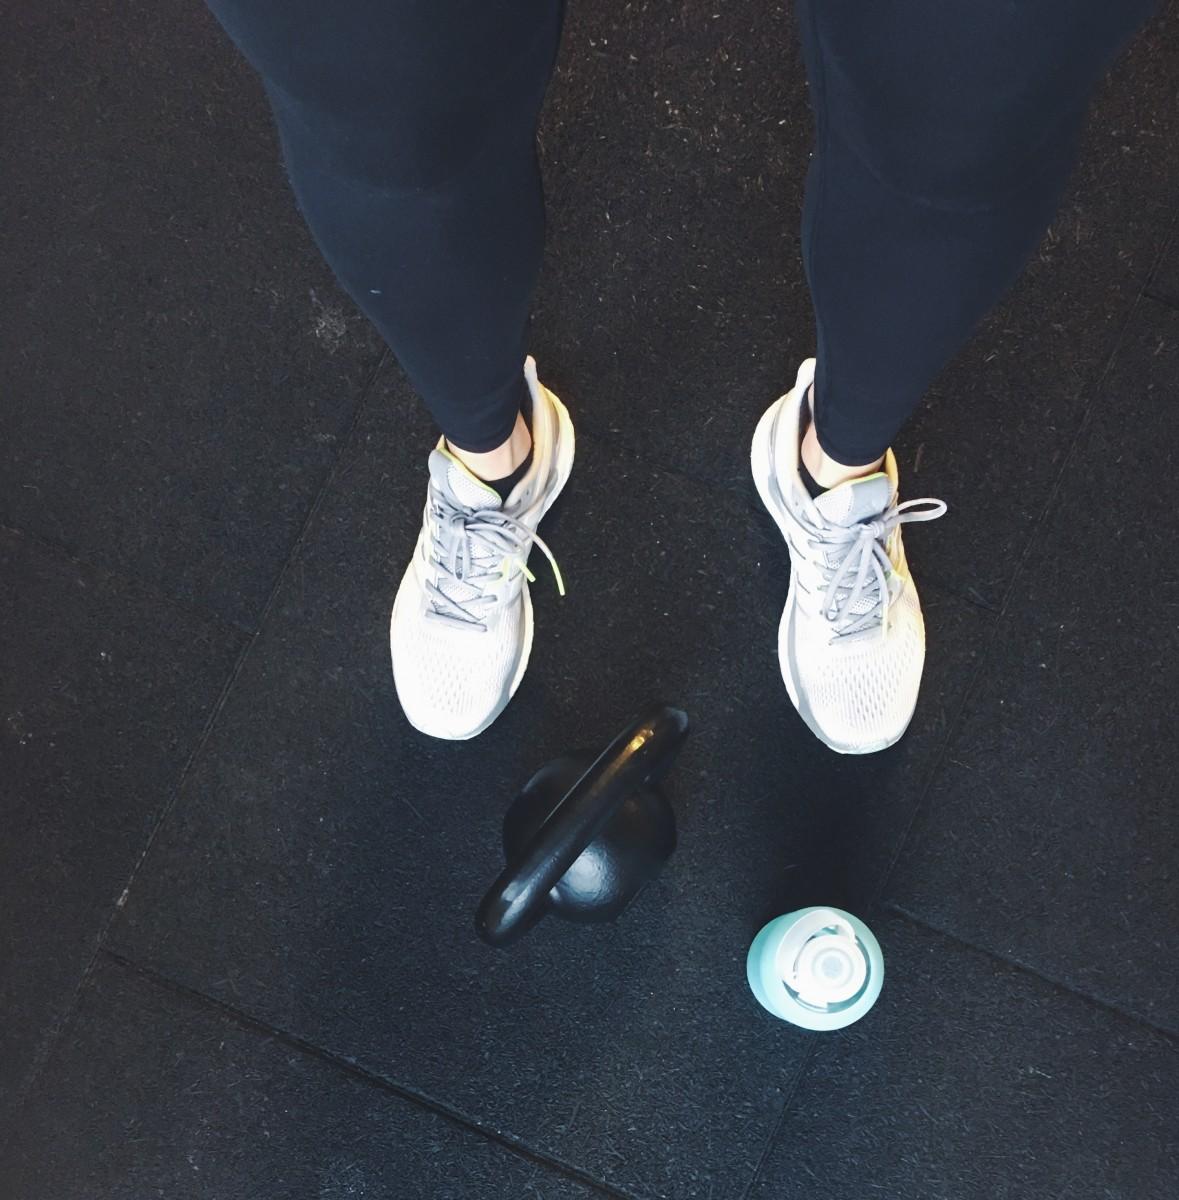 morning person, morgenmenneske, a menneske, b menneske, rutiner, træning, rise and grind, simply living, simply fit, fra b til a menneske